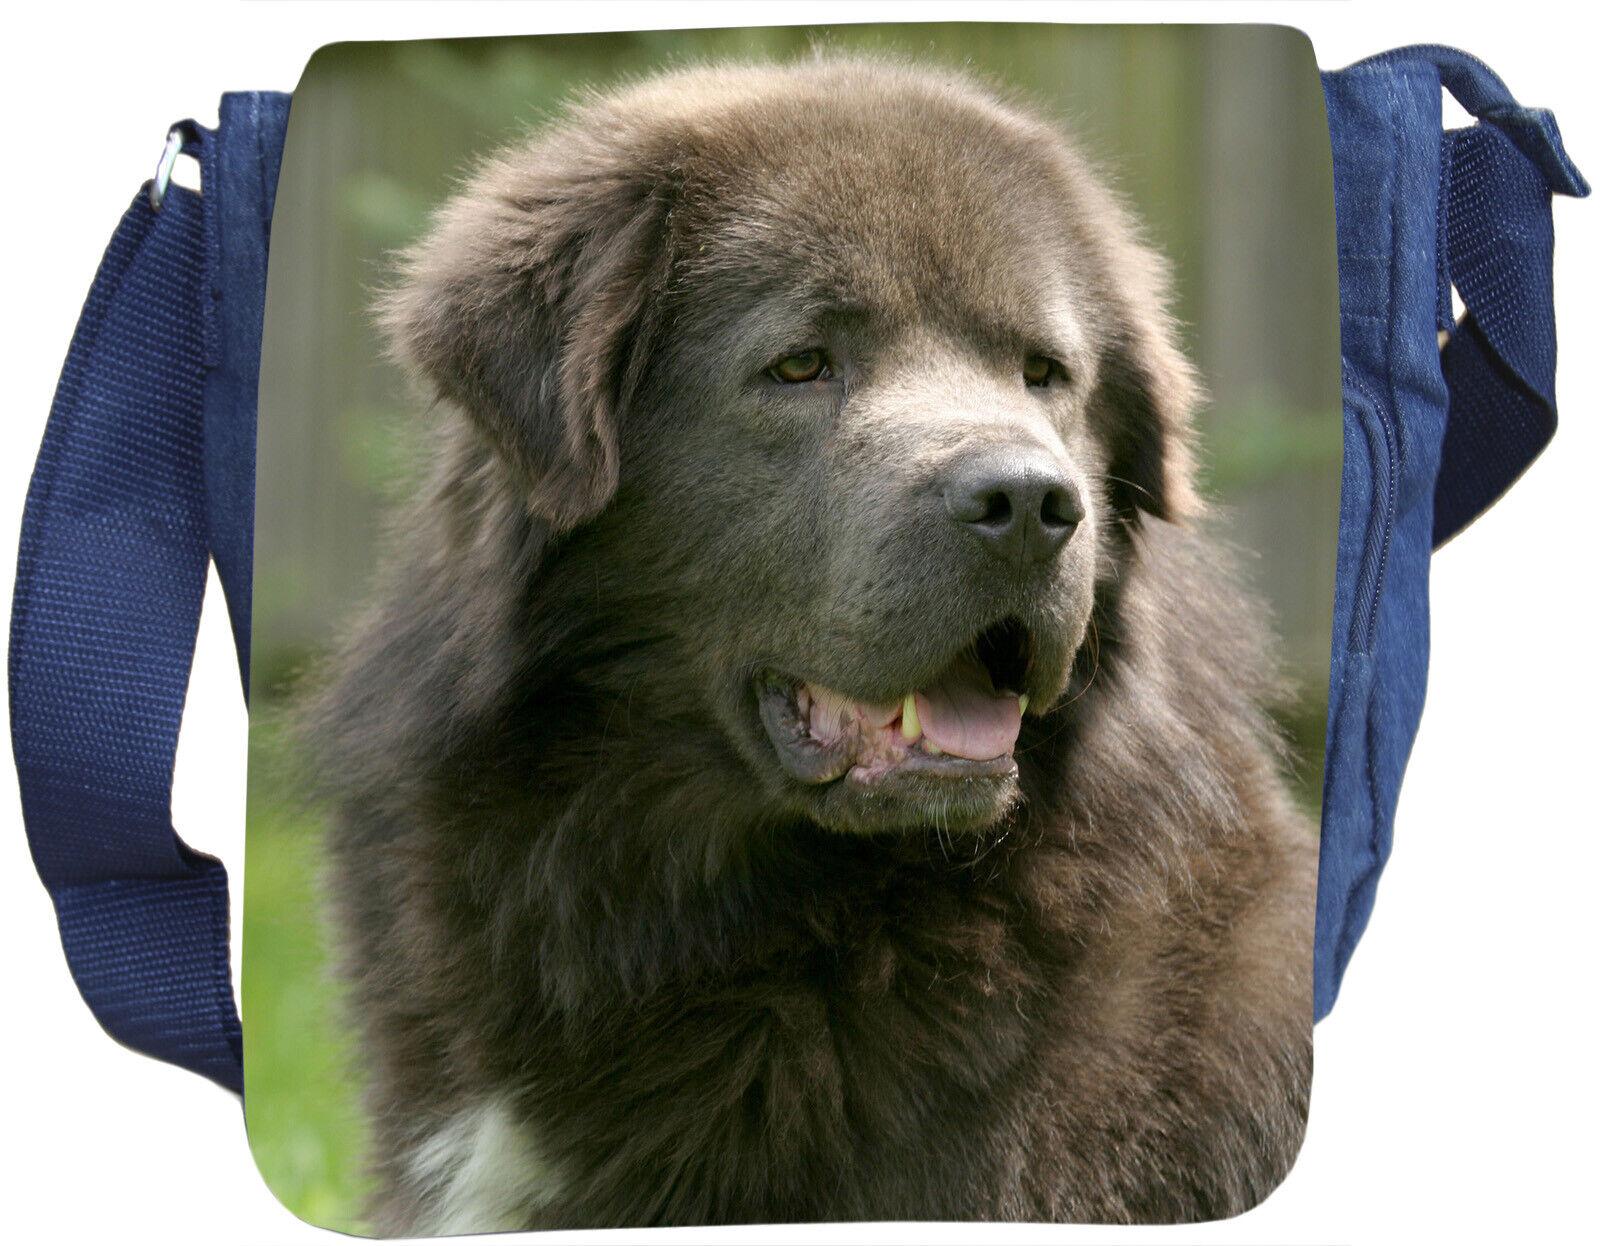 DO KHYI - SCHULTERTASCHE Tasche Umhängetasche JEANS Baumwolle - DKY 04 | Deutschland Online Shop  | Billiger als der Preis  | Verkauf